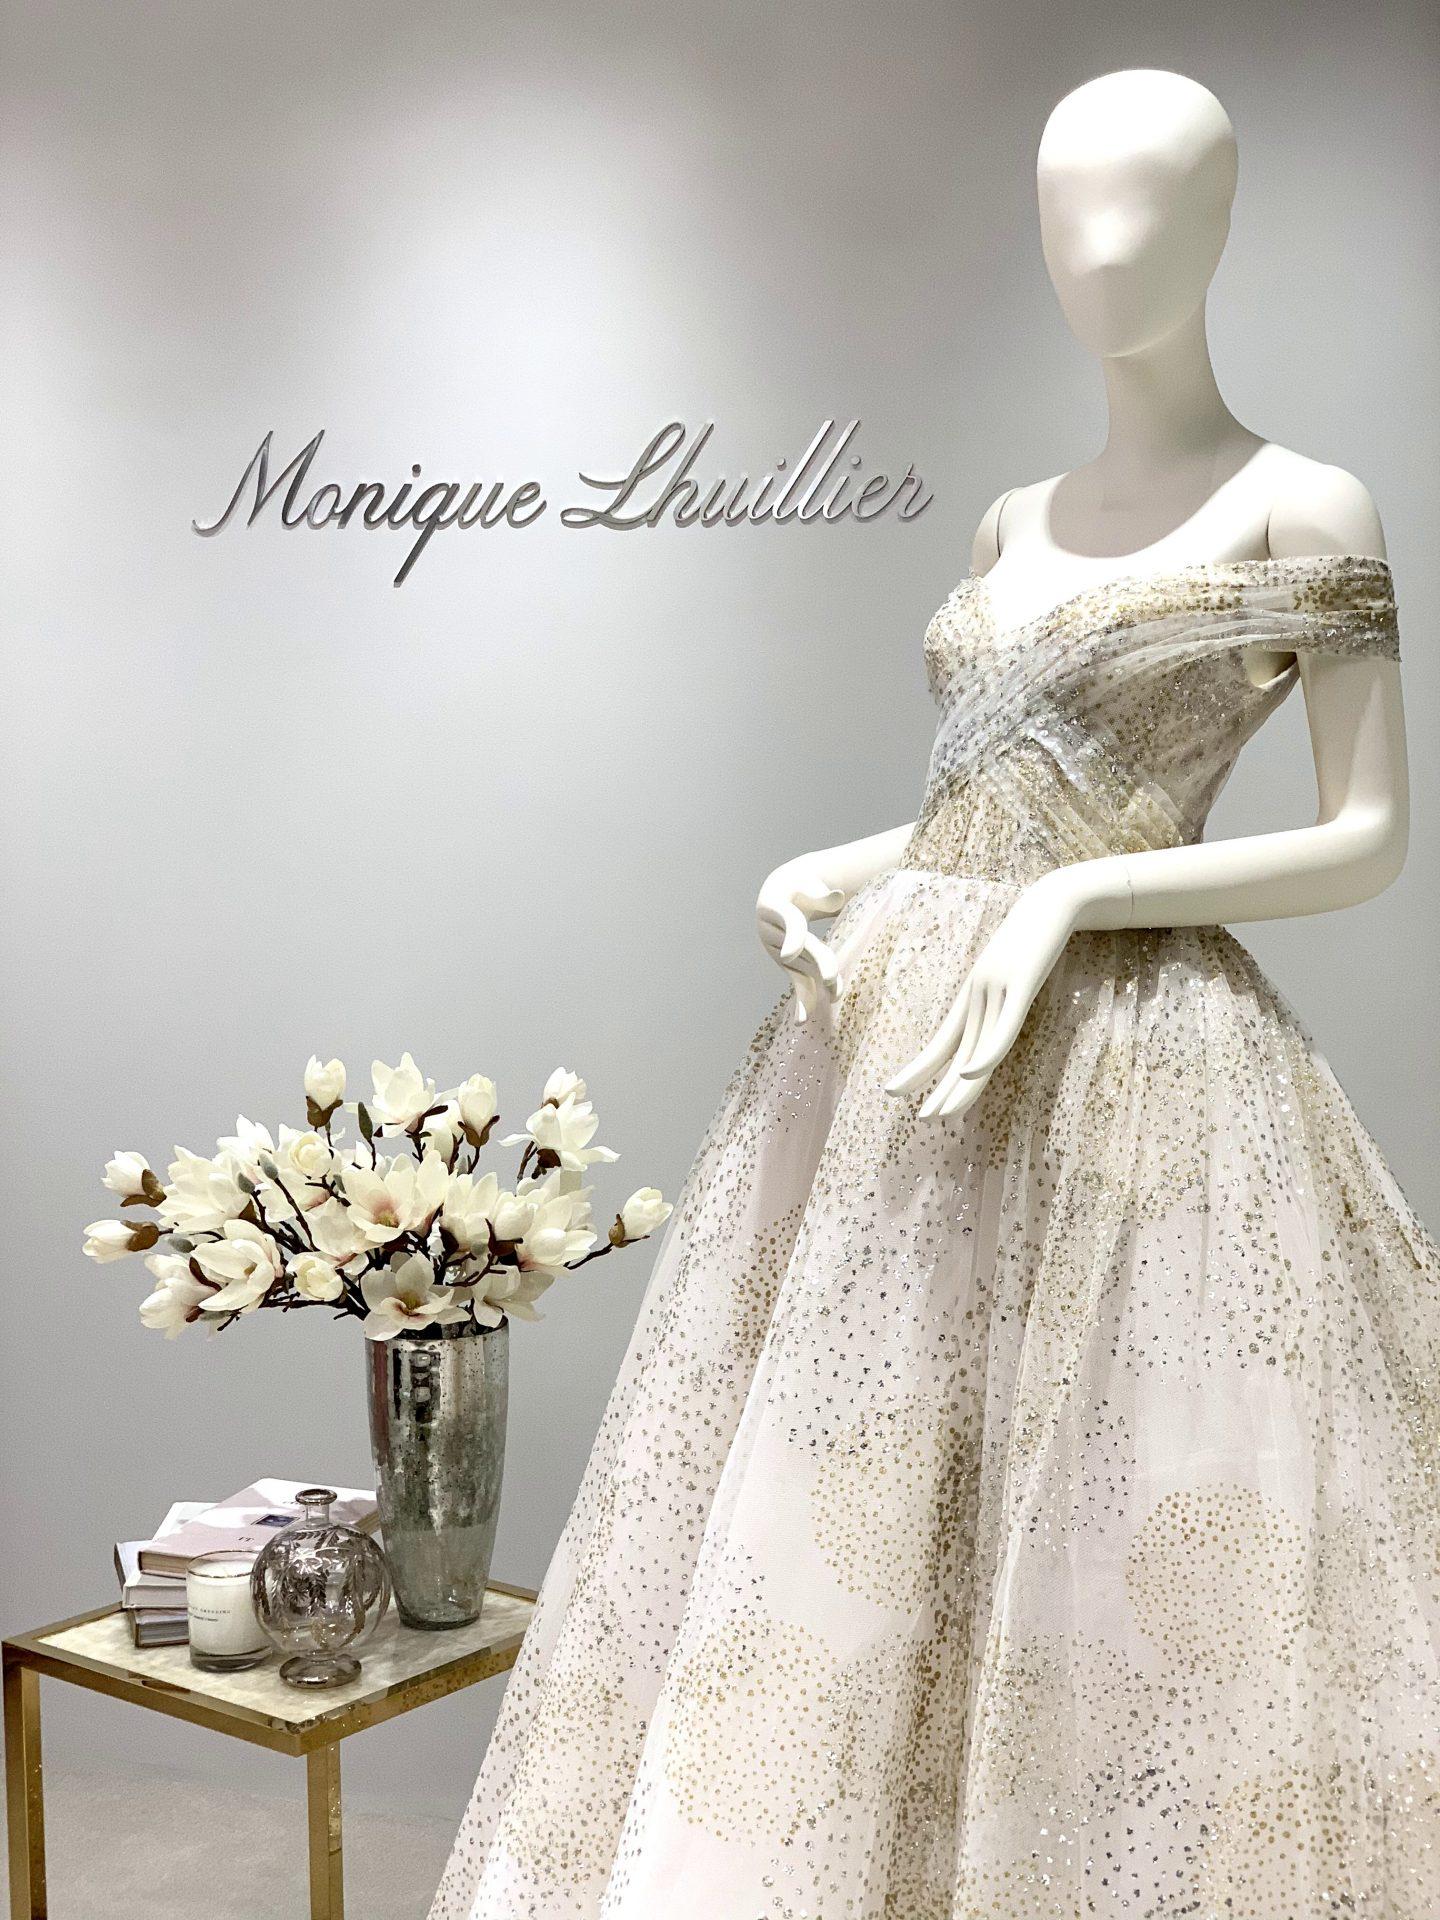 ゴールドのカラードレスがMonique Lhuillier(モニーク・ルイリエ)から新しく入荷